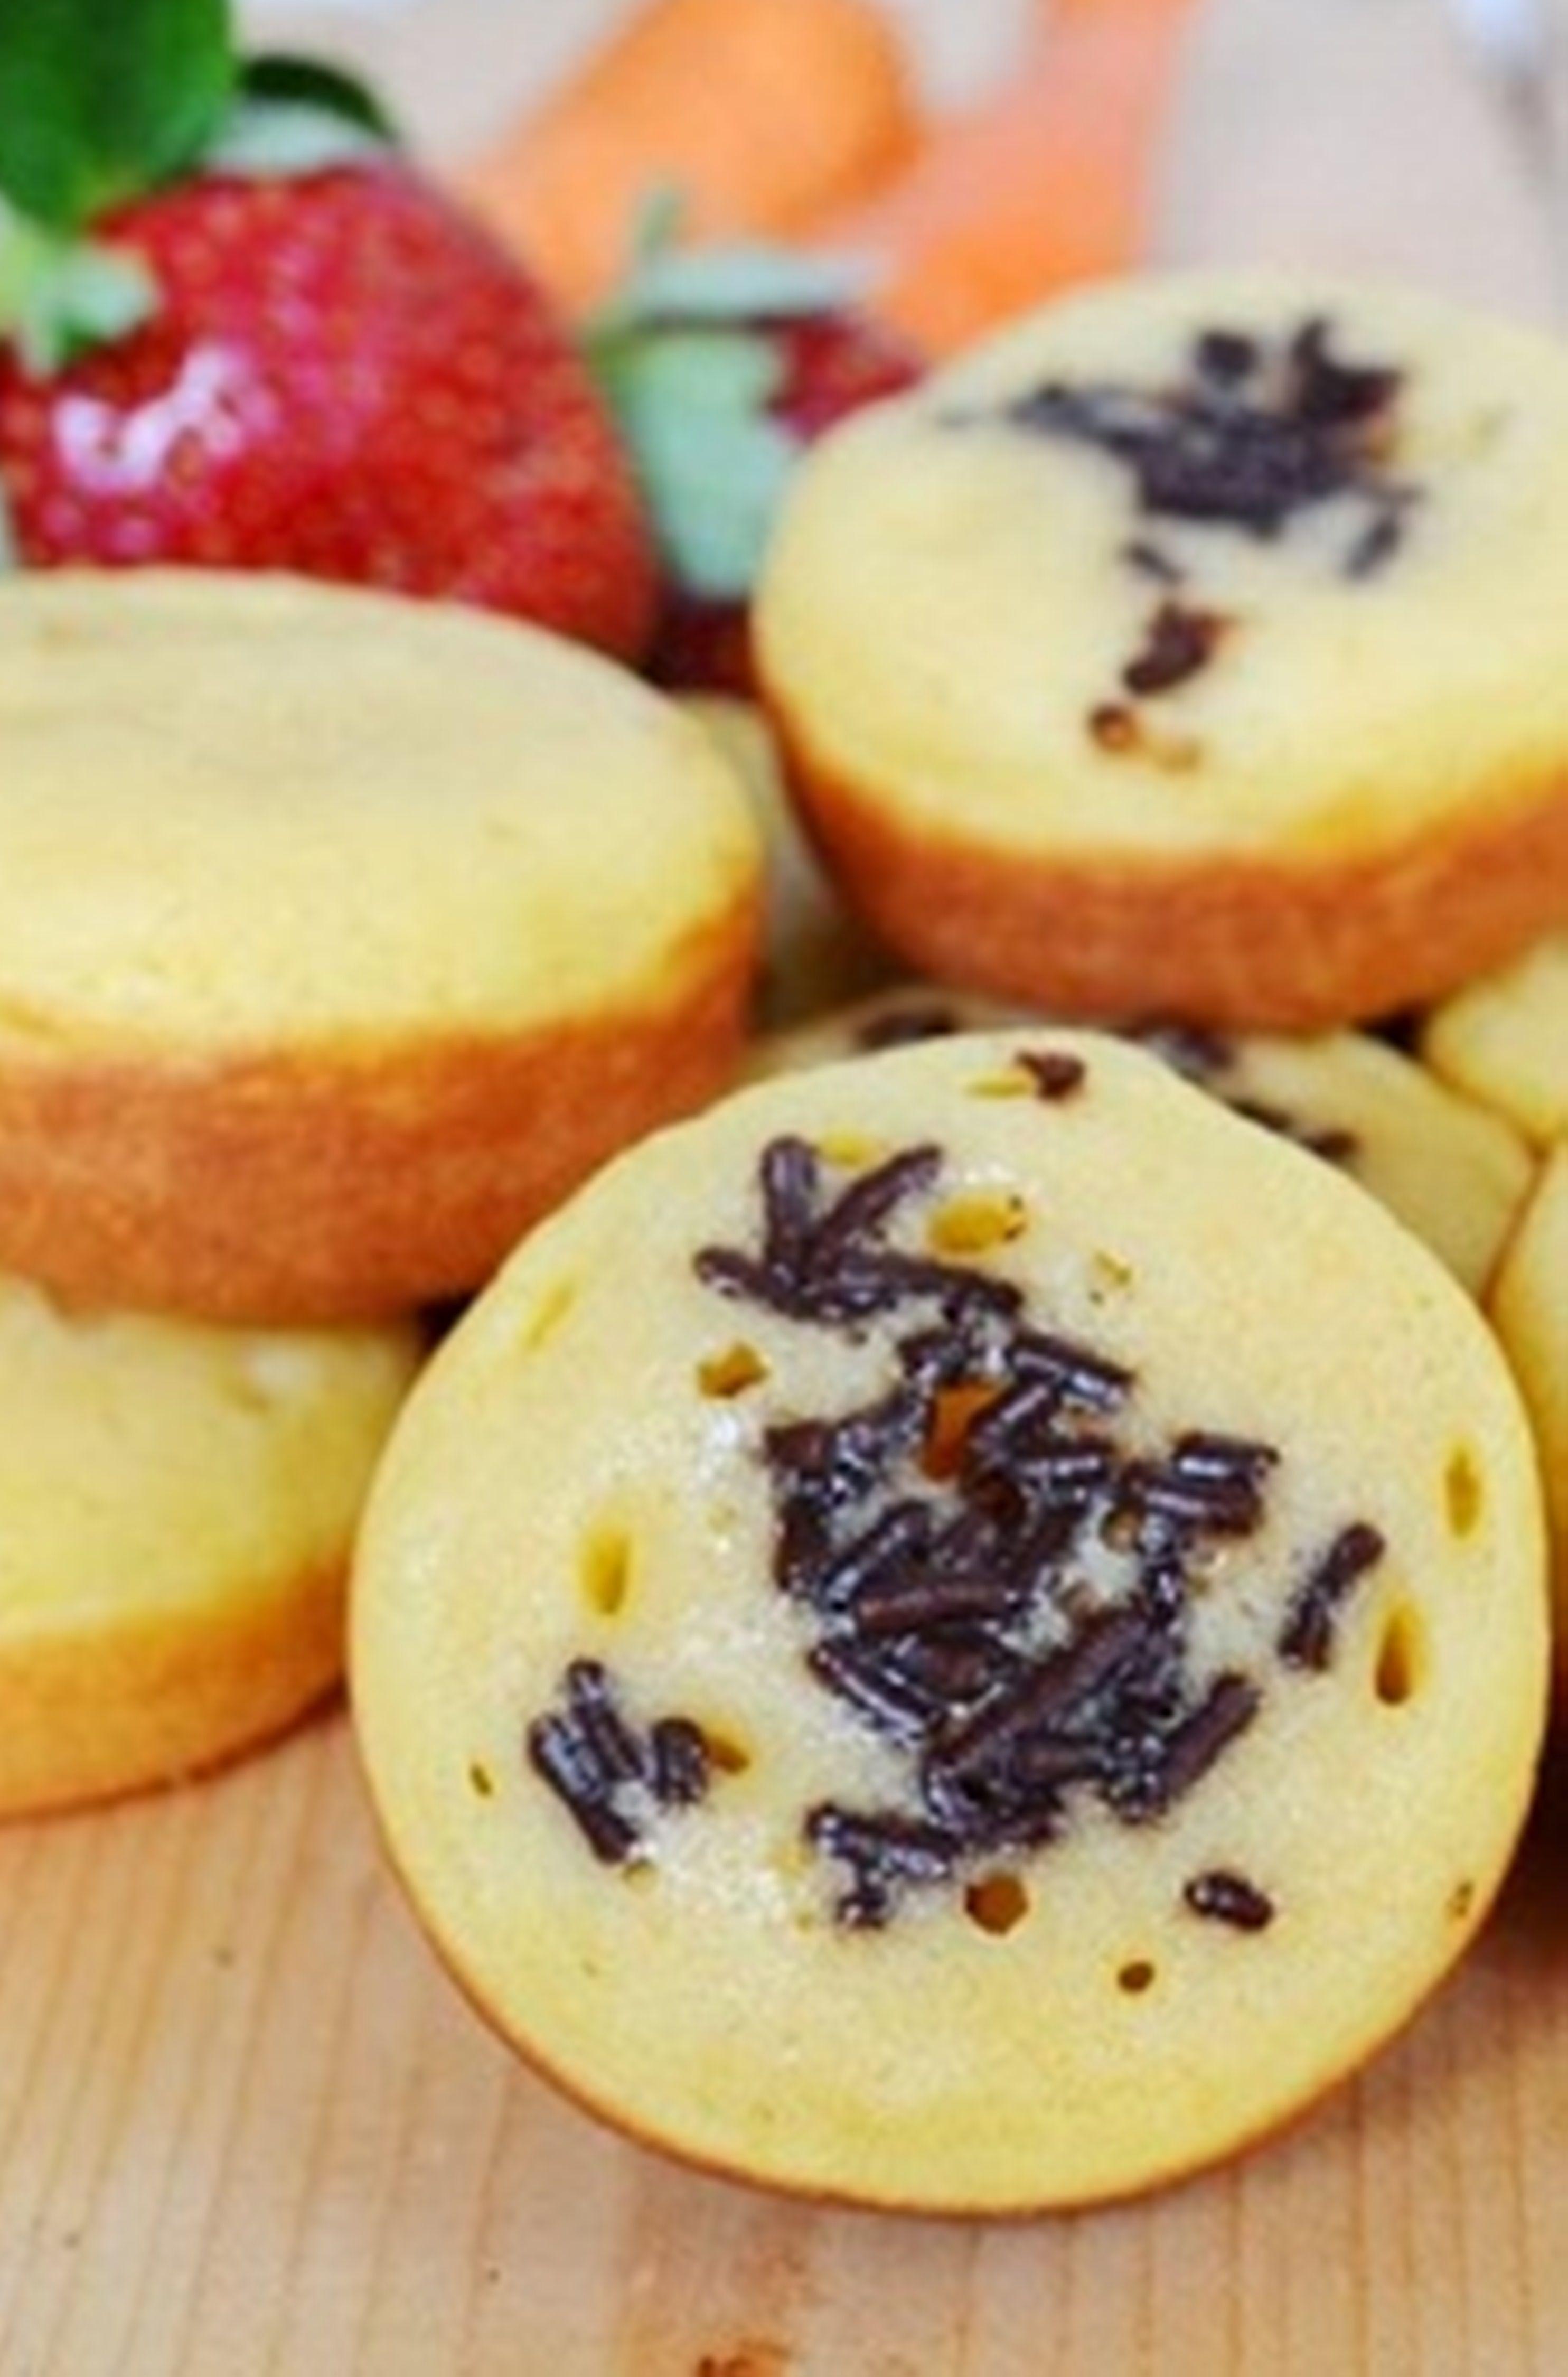 Resep Dan Cara Membuat Kue Cubit Kukus Enak Dan Empuk Makanan Resep Kue Makanan Enak